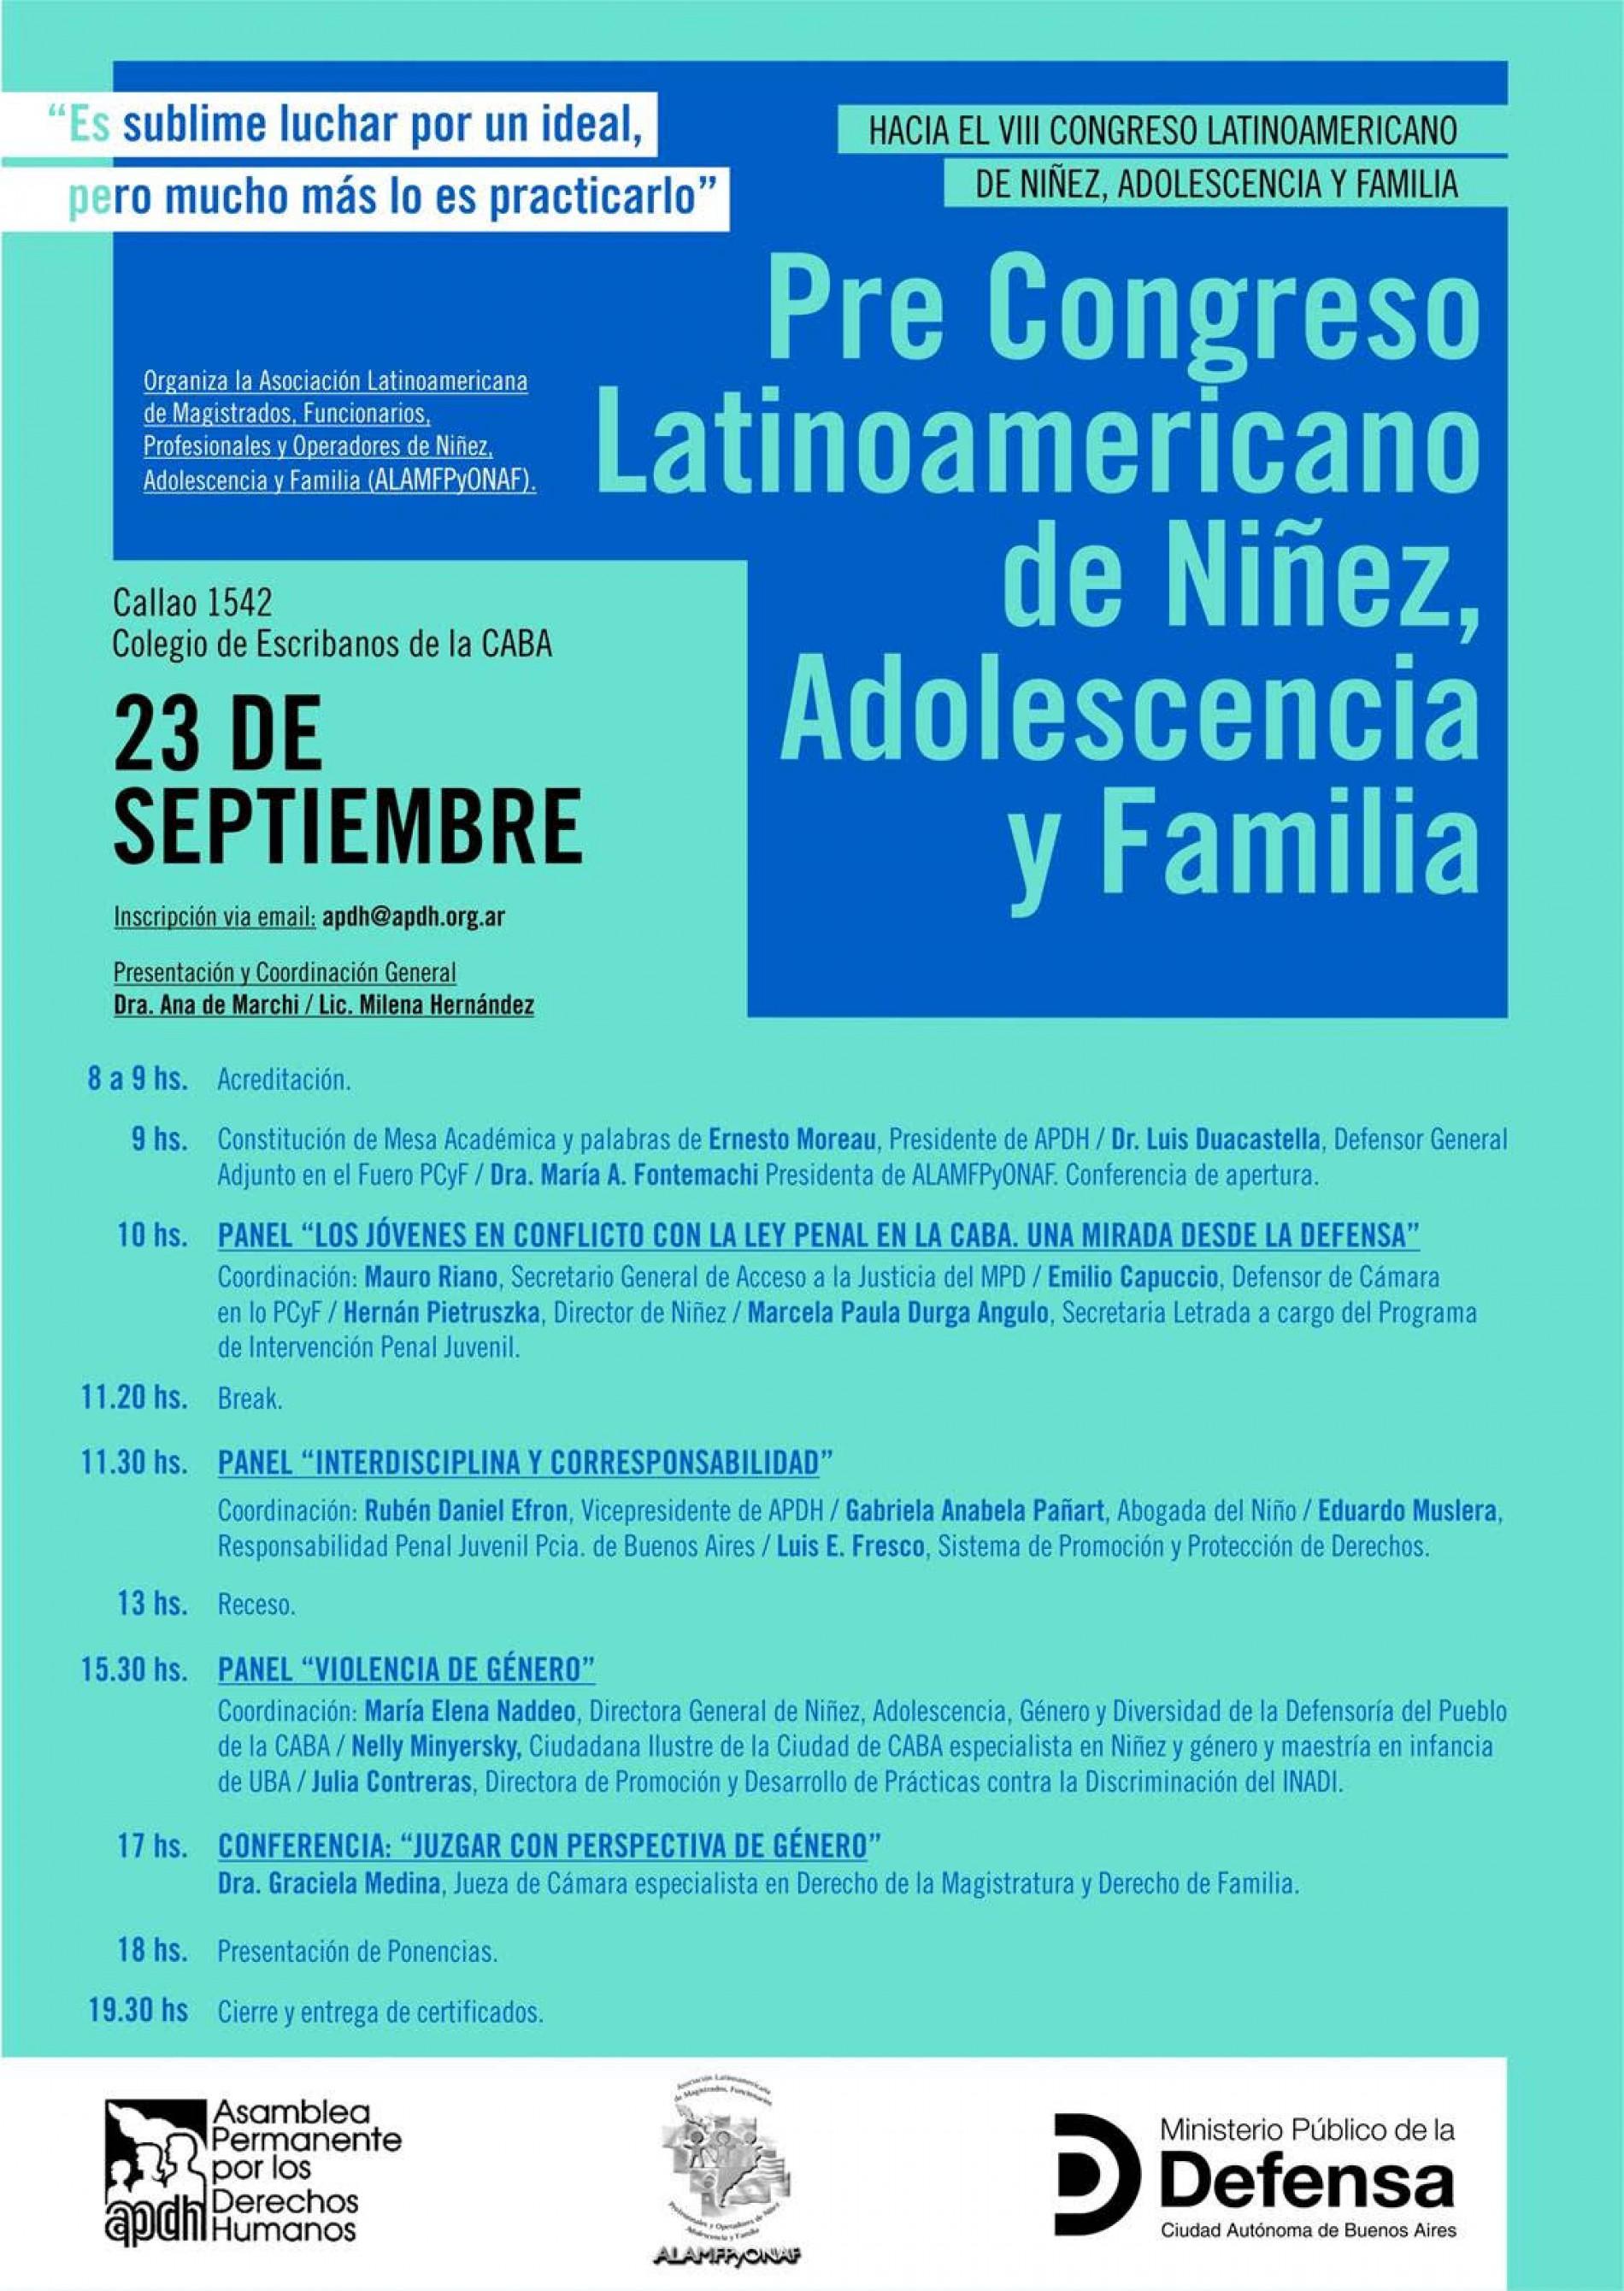 Pre Congreso Latinoamericano de Niñez, Adolescencia y Familia